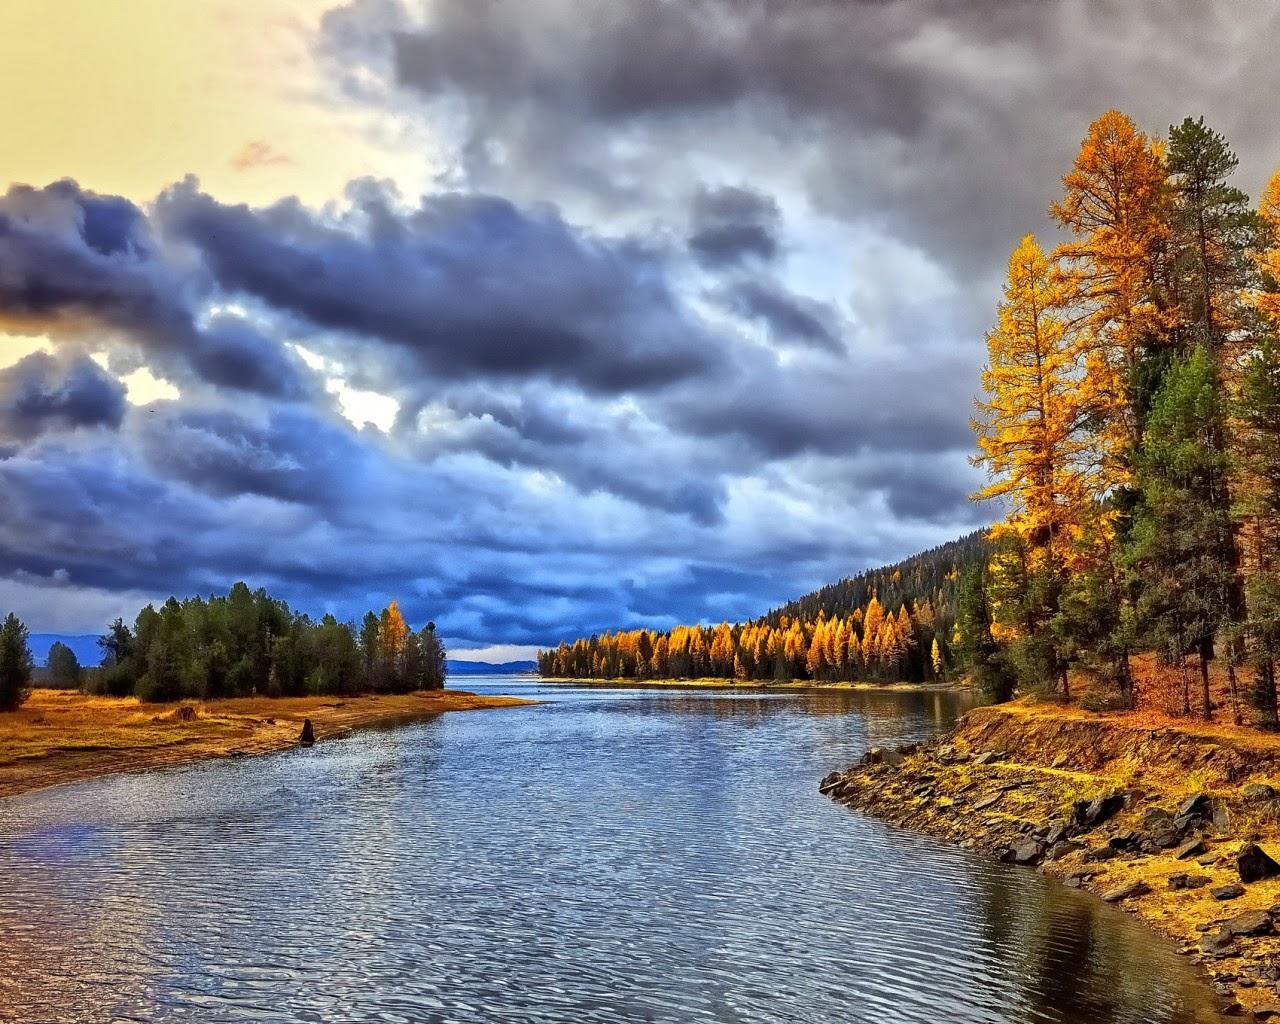 صور صور طبيعه hd , اجمل واحلى الصور الطبيعه التي سوف ترها في حياتك صور h d